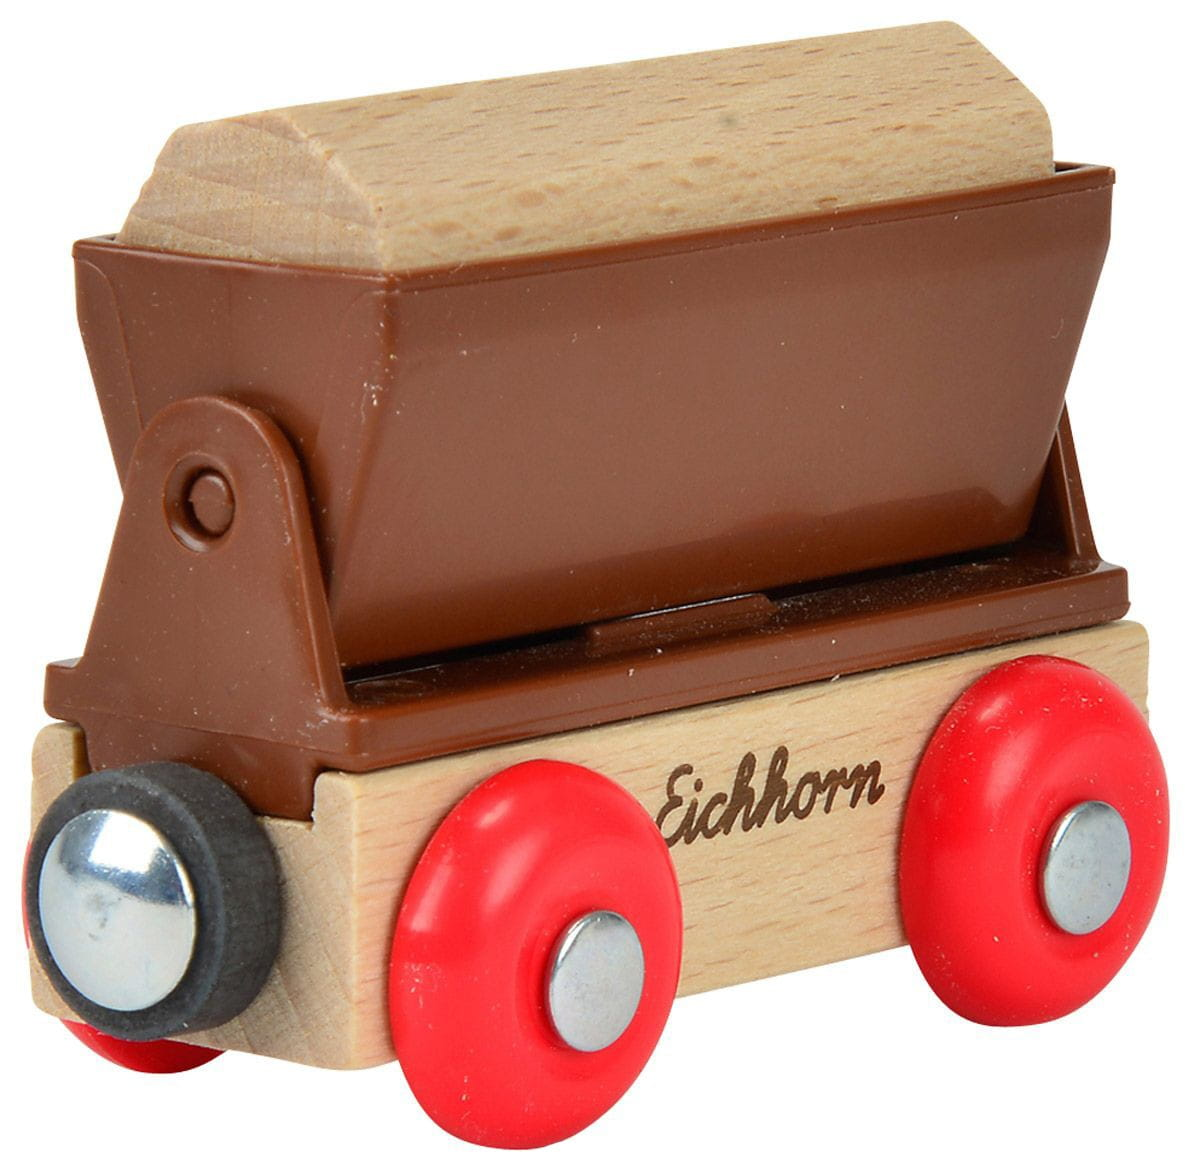 Игровой набор Eichhorn 100001355 Вагон грузовой - 8 см